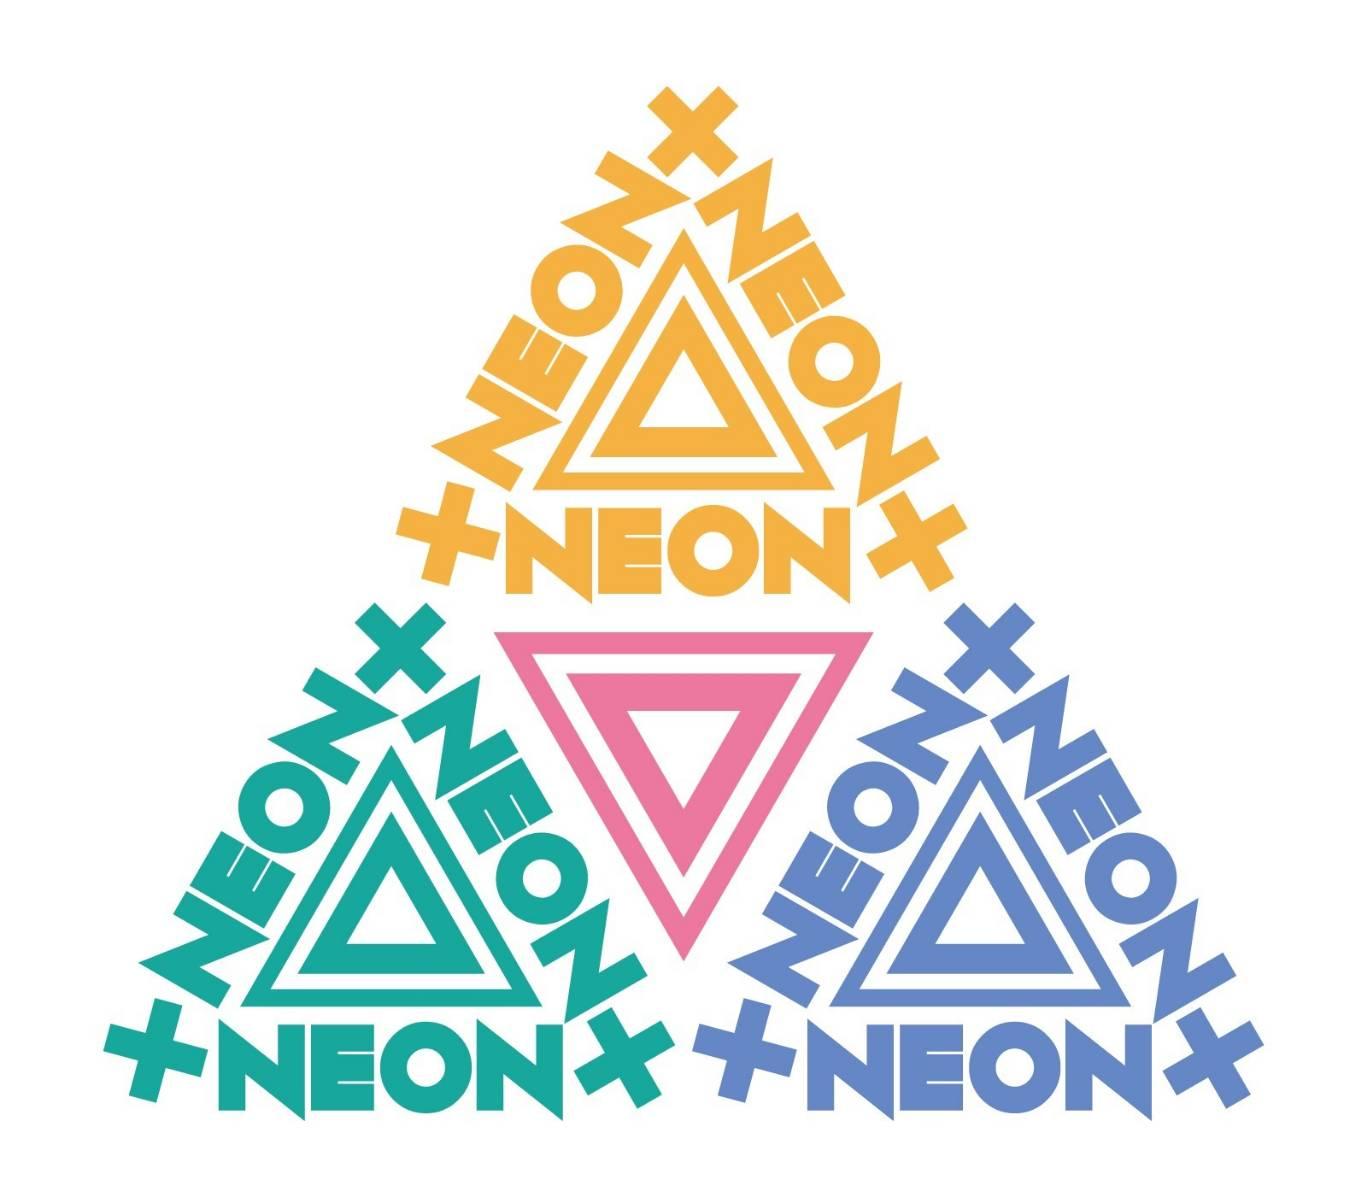 2019年5月22日(水)『NEON×NEON×NEON in NAGOYA』